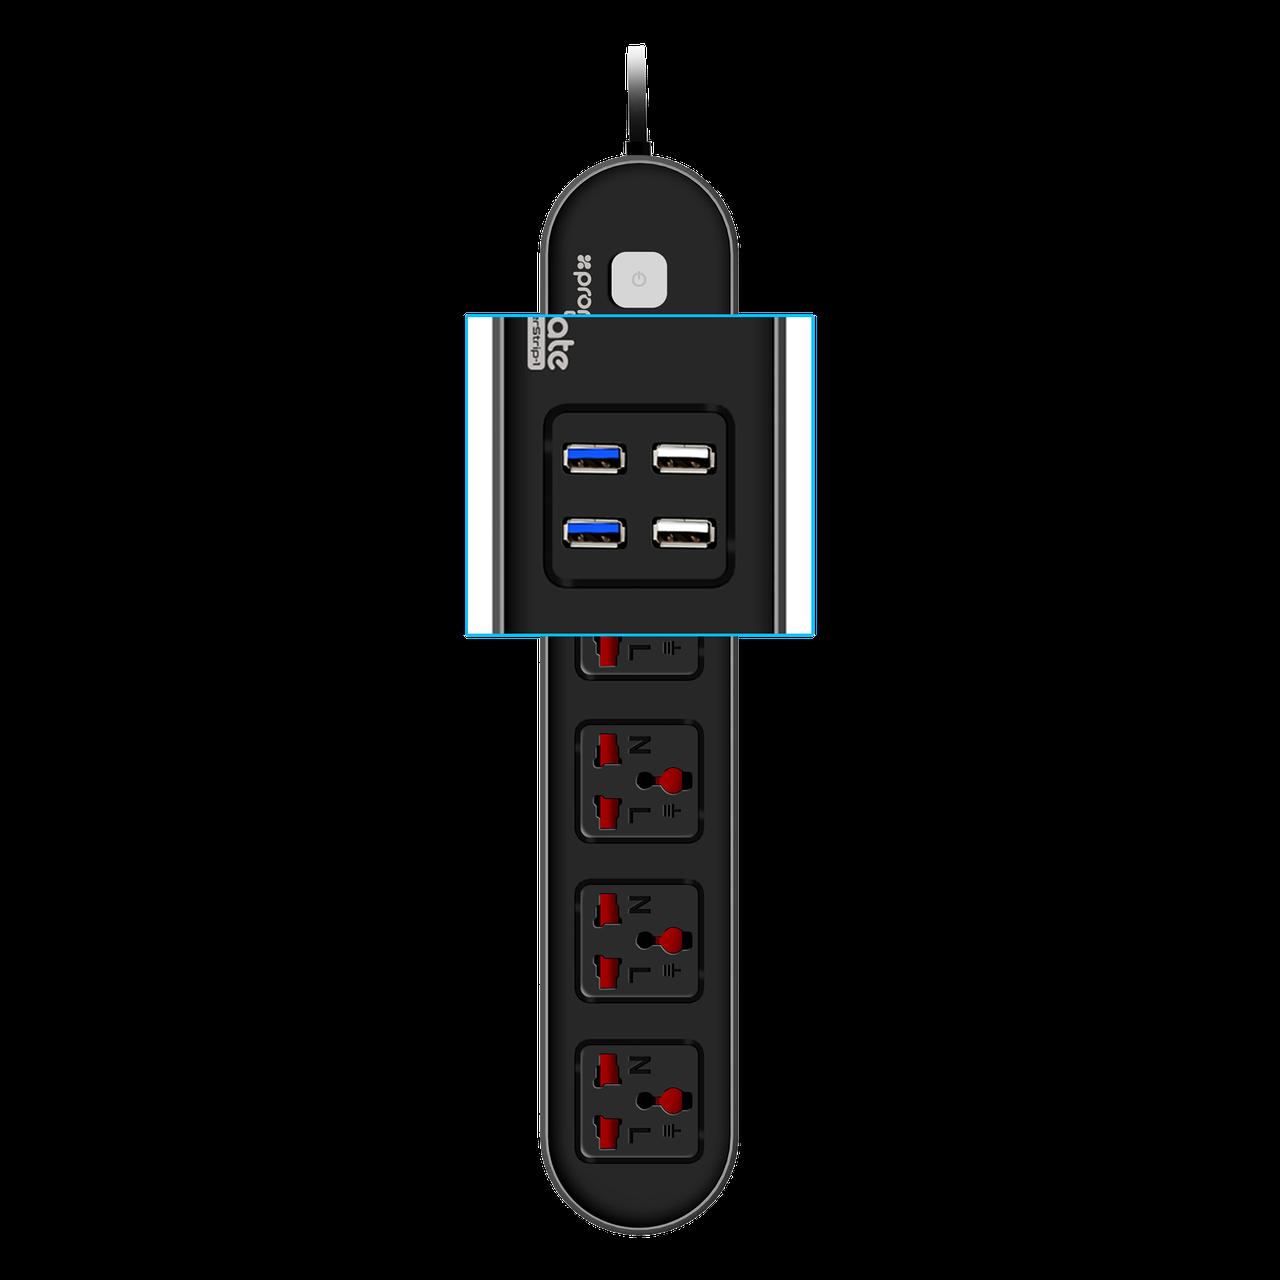 Сетевой фильтр-удлинитель Promate Powerstrip-1 РАСПАК